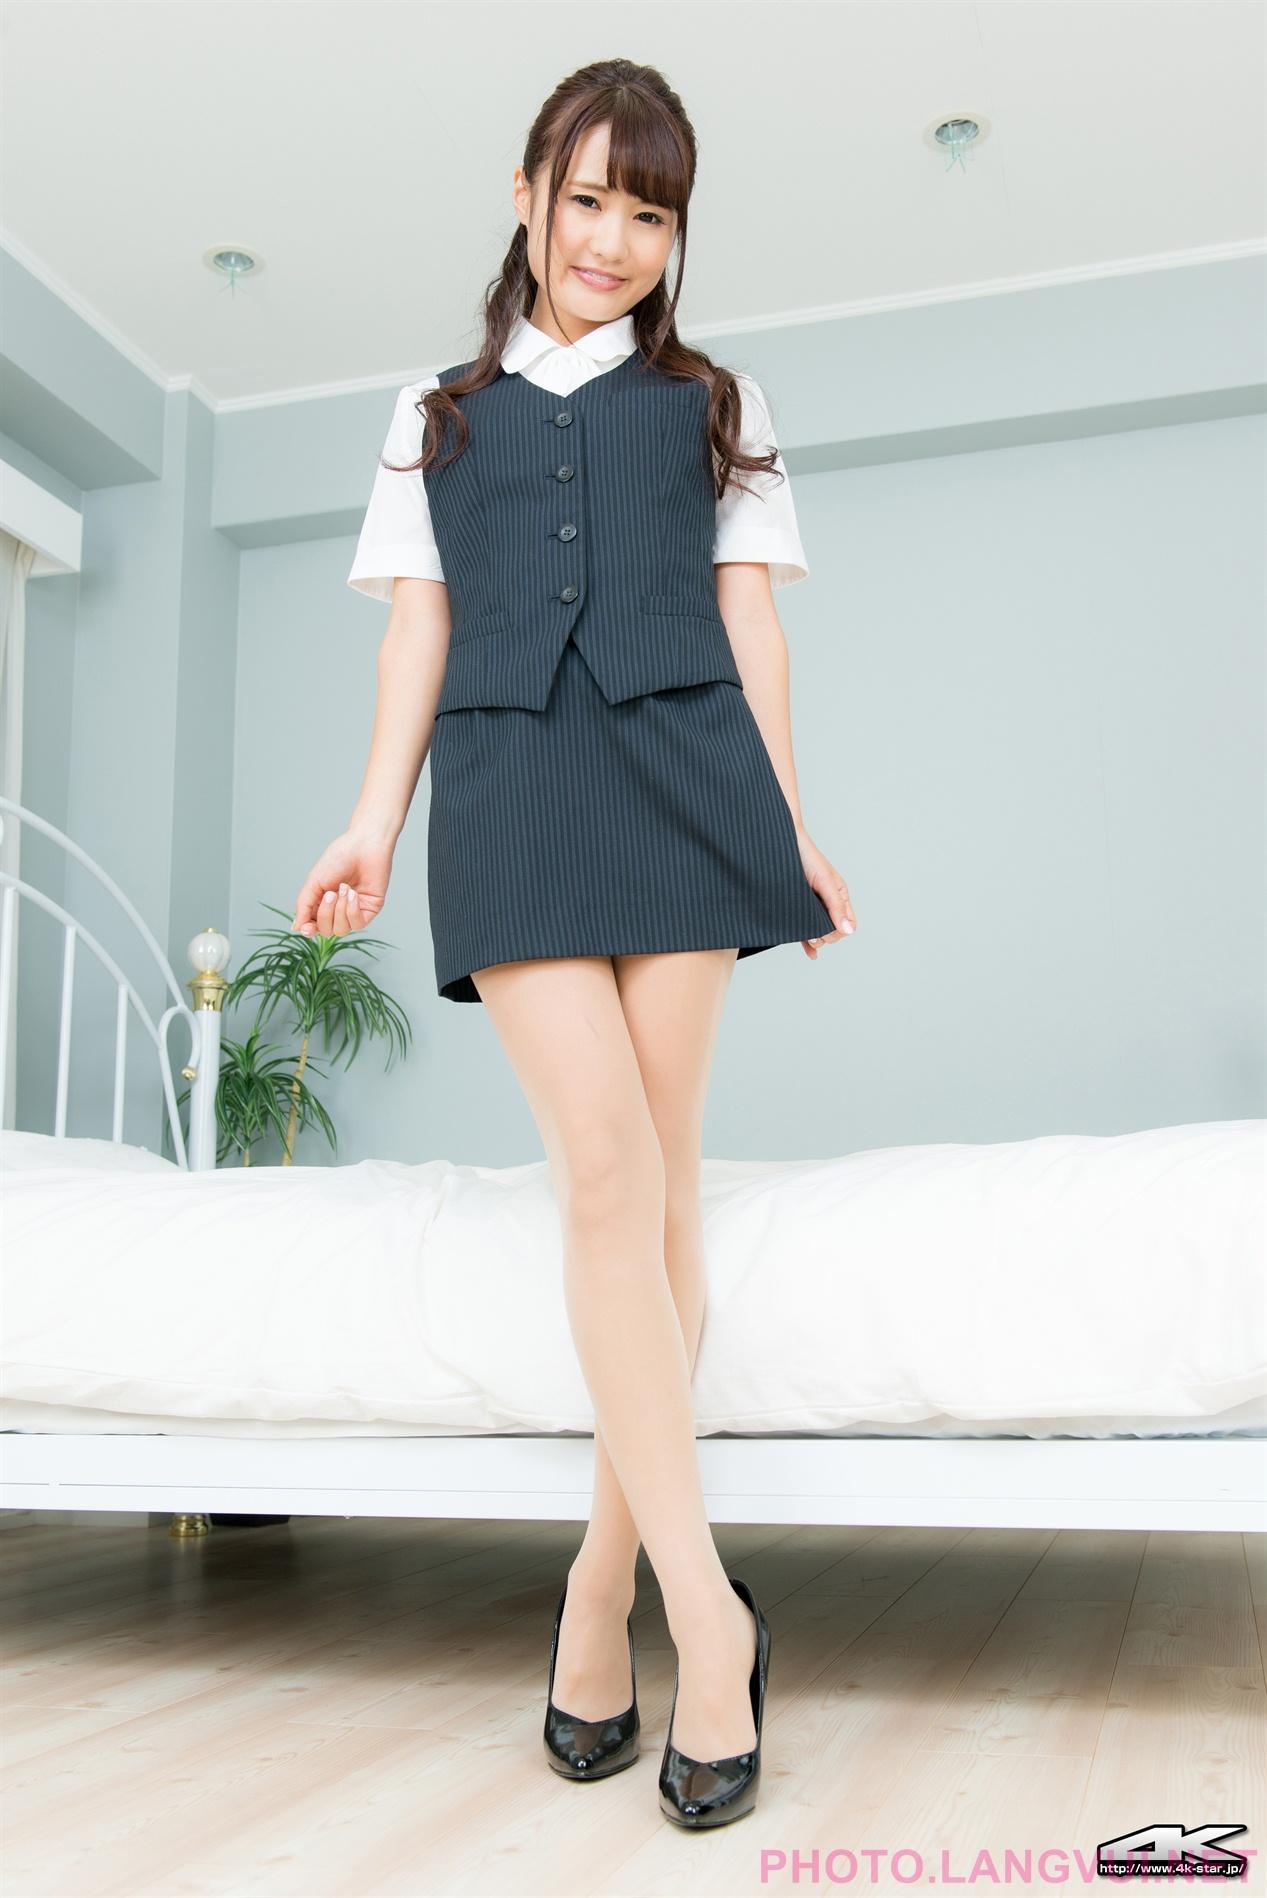 4K STAR No 00510 Kanae Nakamura Office Lady